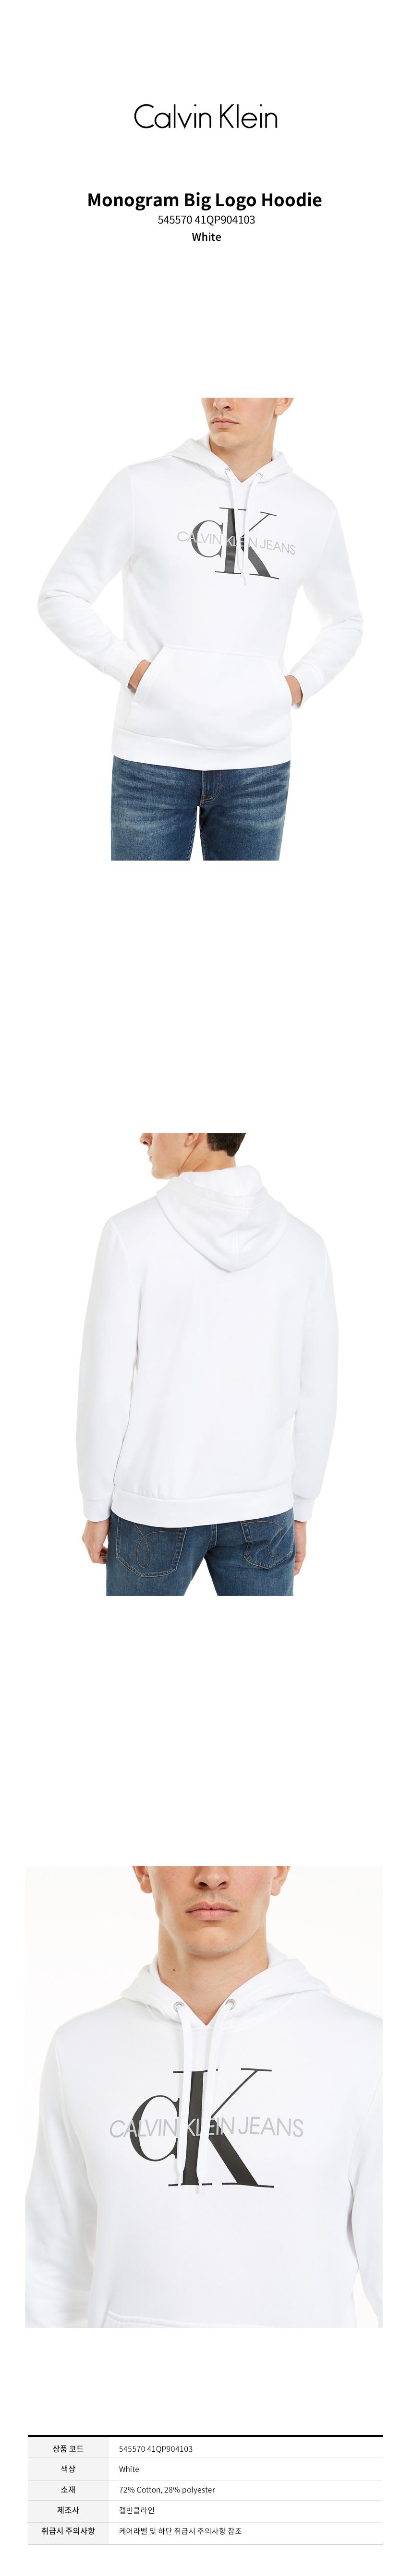 54557041QP904103_white.jpg